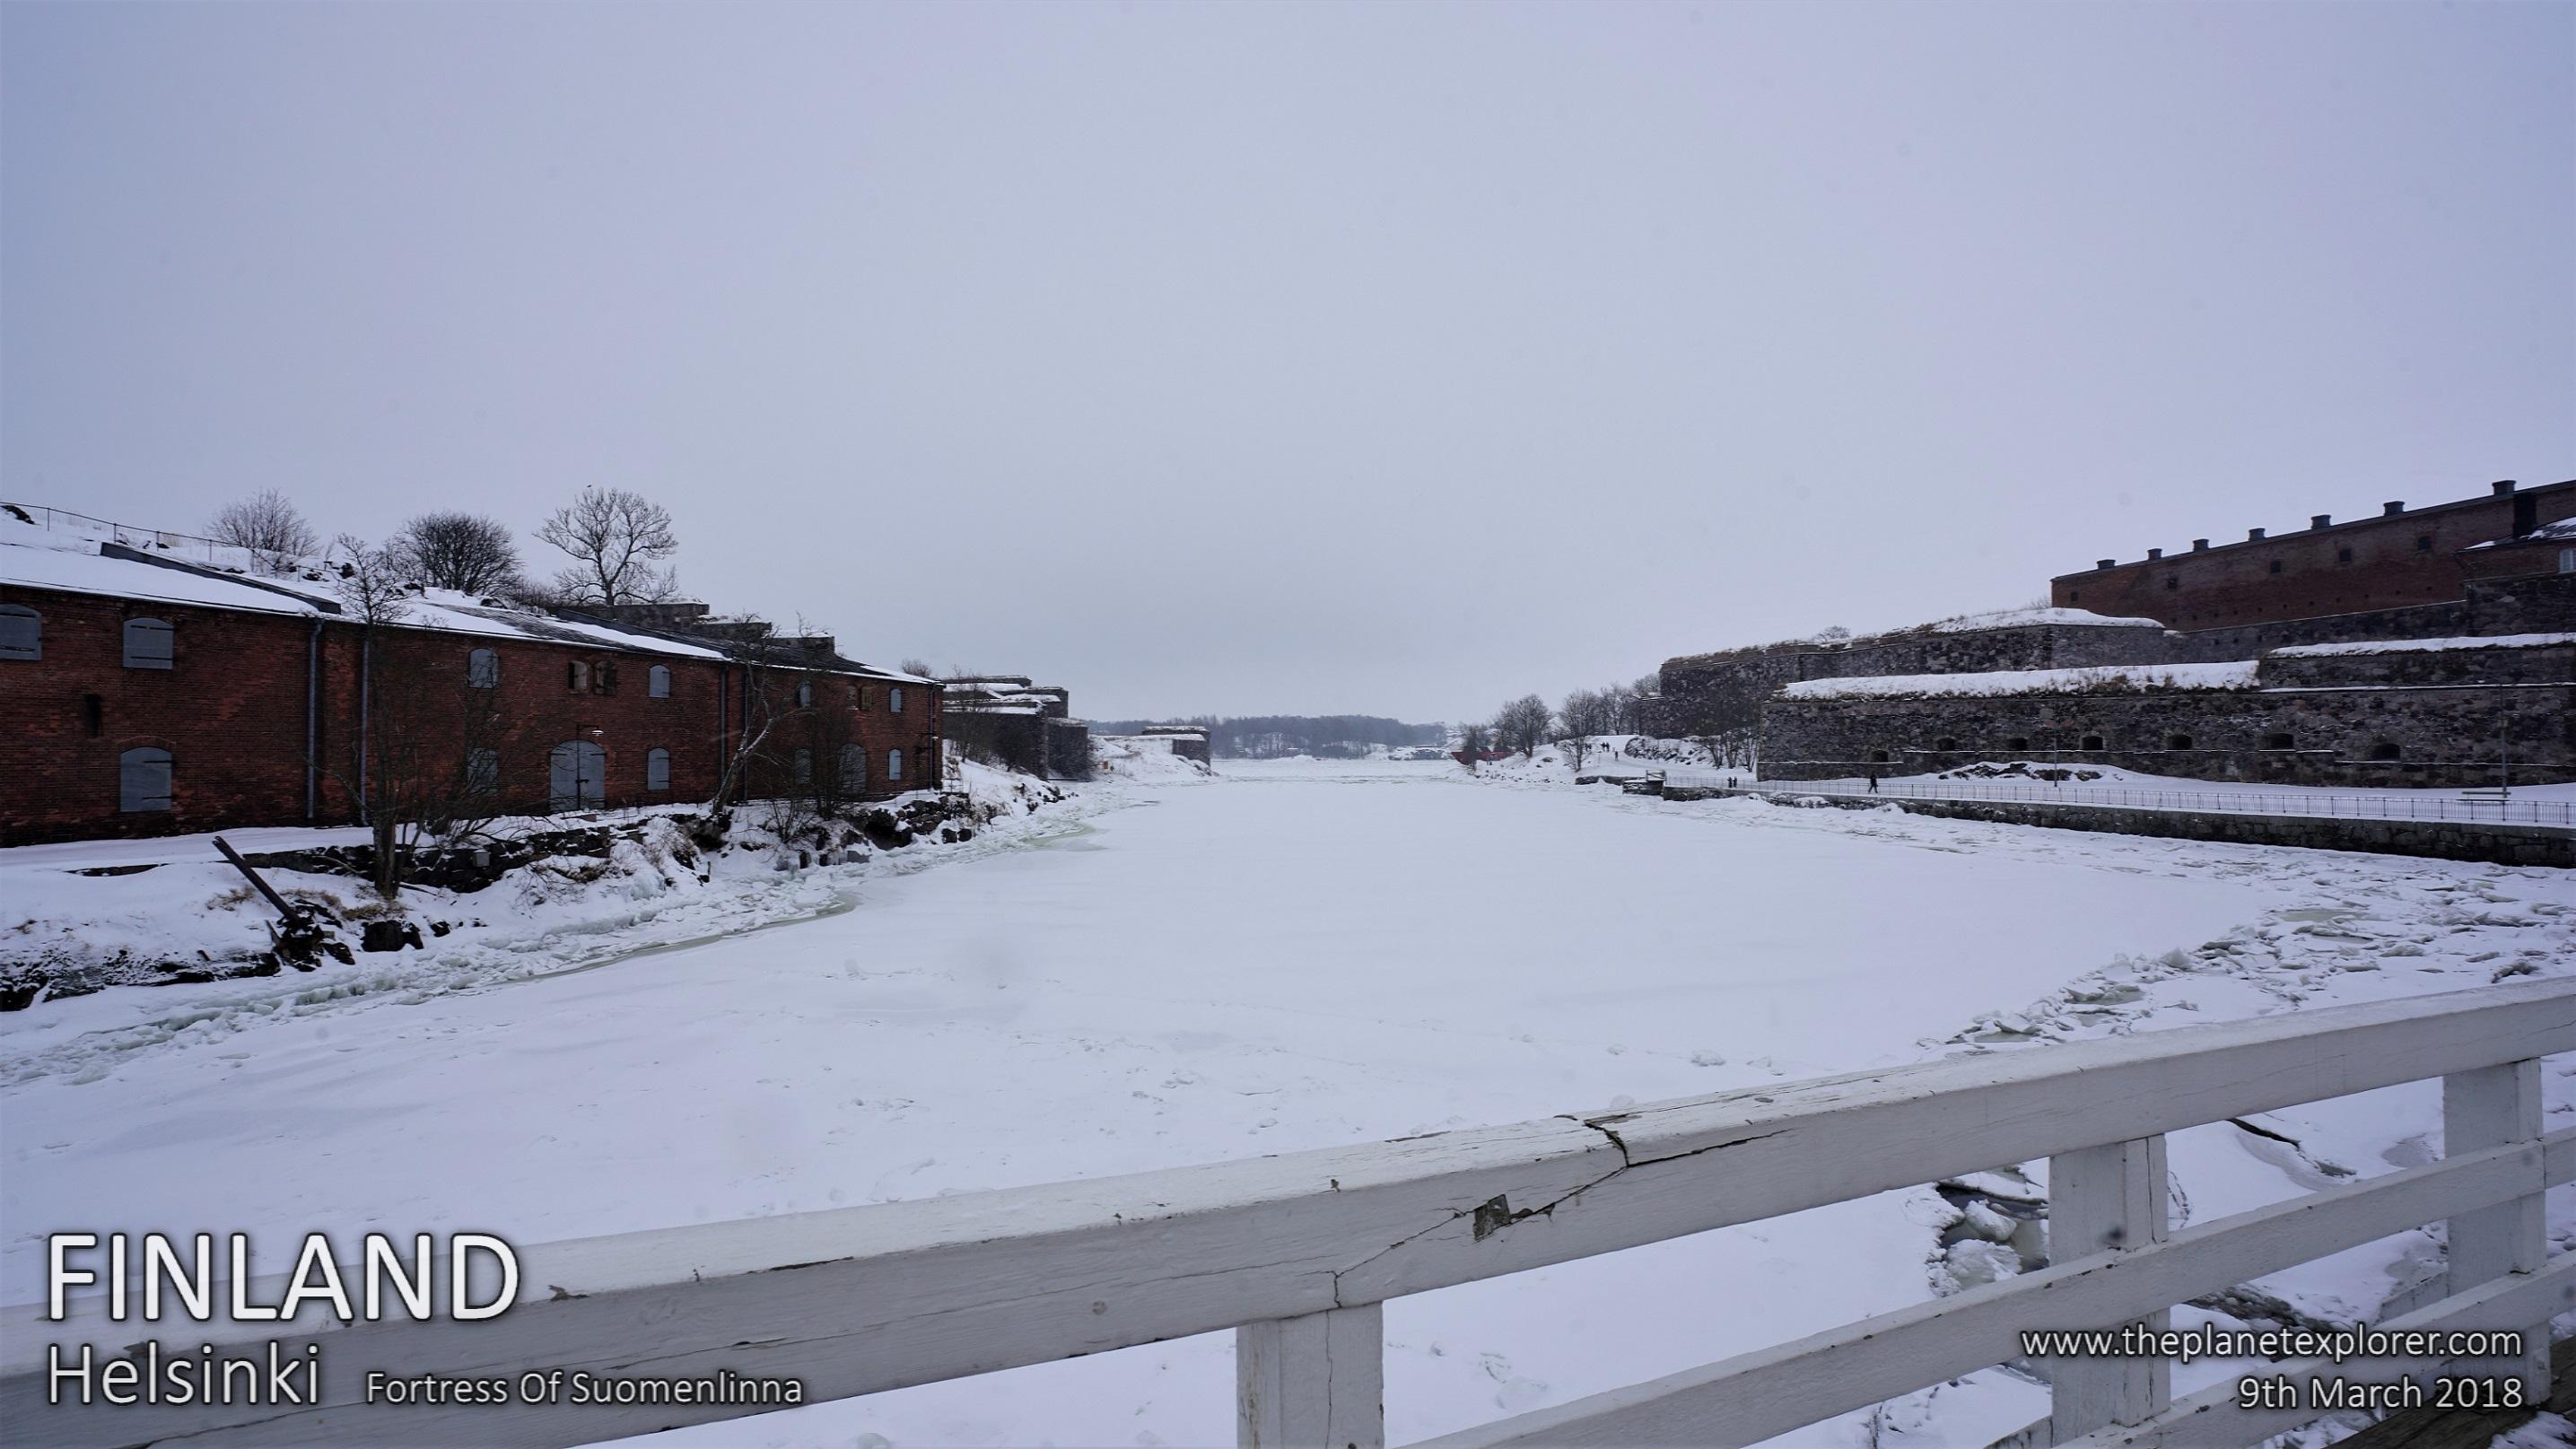 20180309_1201_Finland_Helsinki_Fortress Of Suomenlinna_DSC00194_Sony a7R2_LR_@www